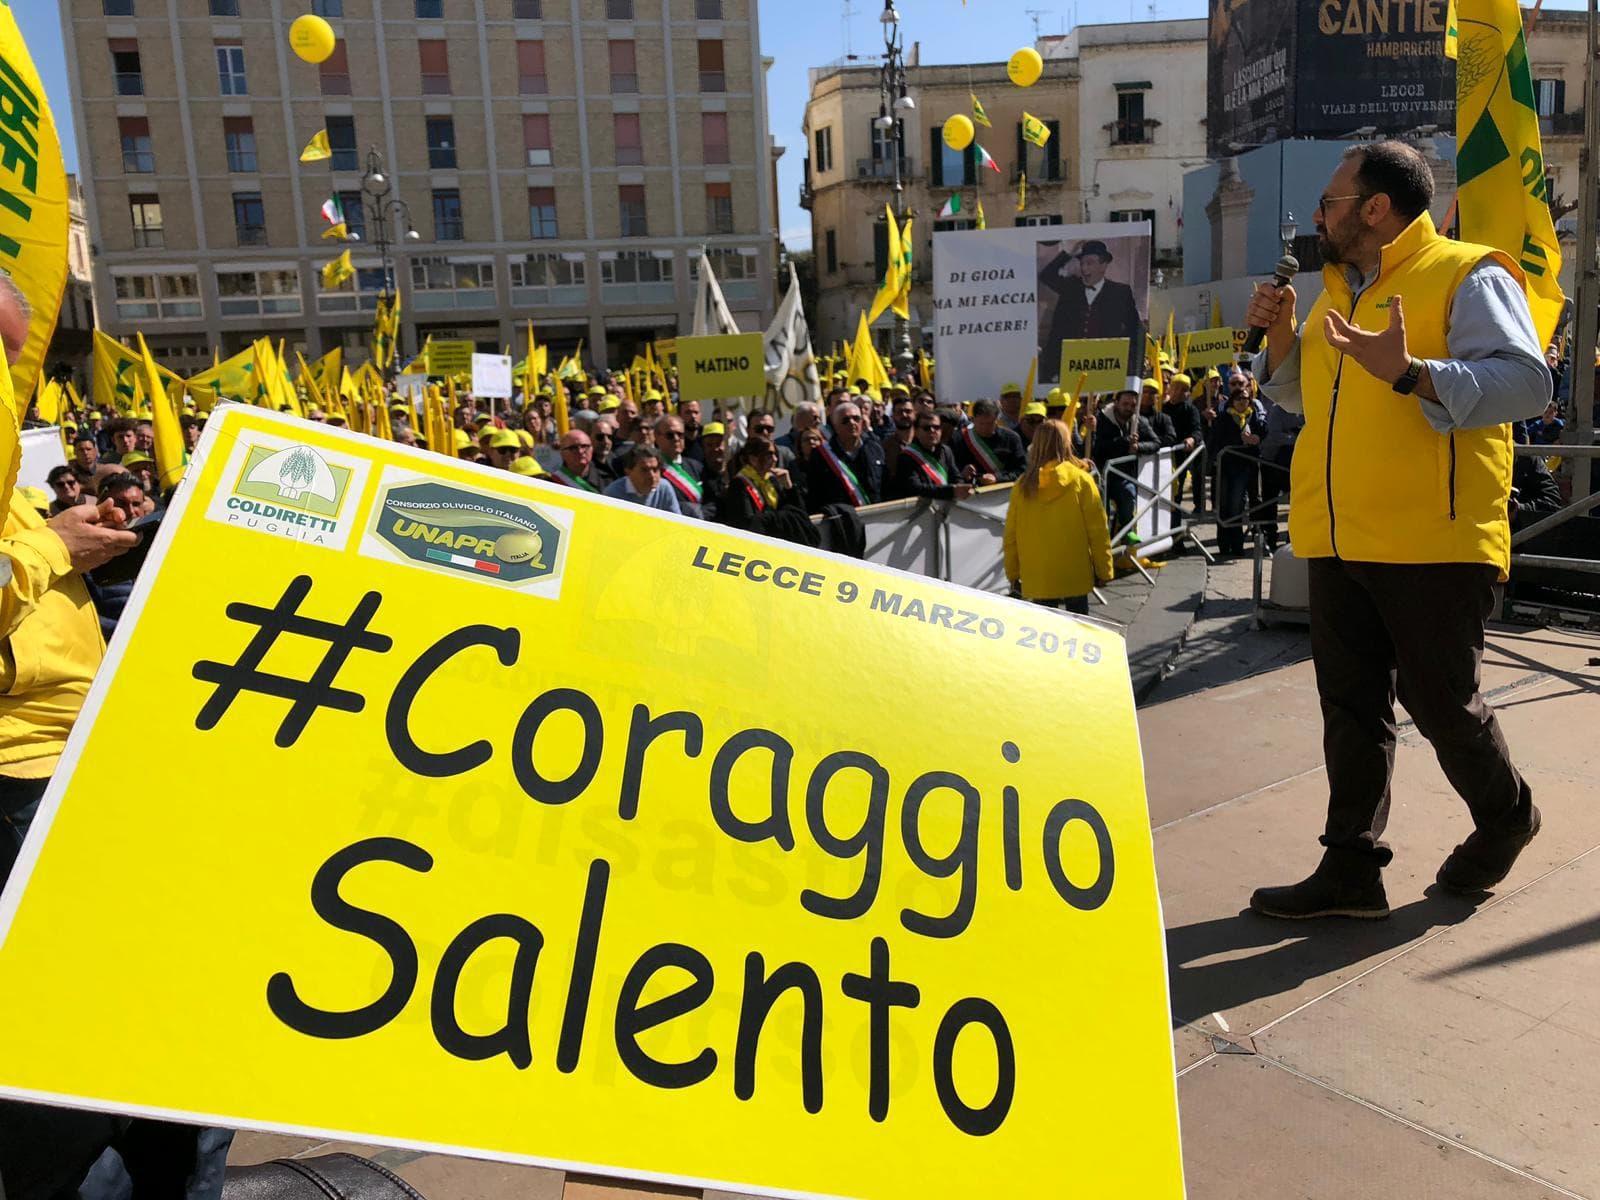 Emergenza Xylella fastidiosa: due cortei a Lecce contro una politica inconcludente. Codiretti: